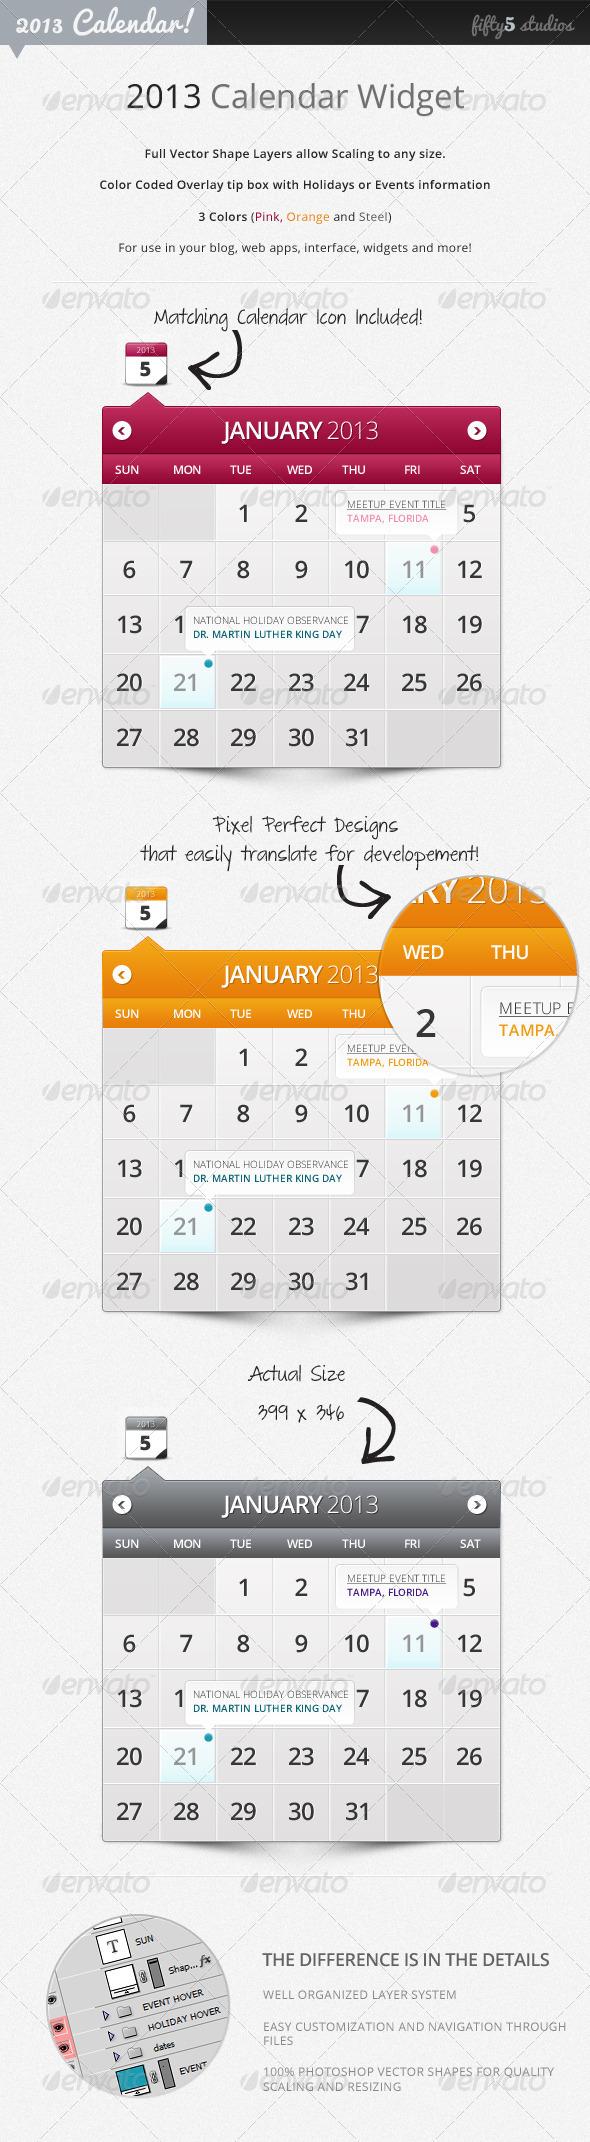 GraphicRiver 2013 Calendar Widget 2720241